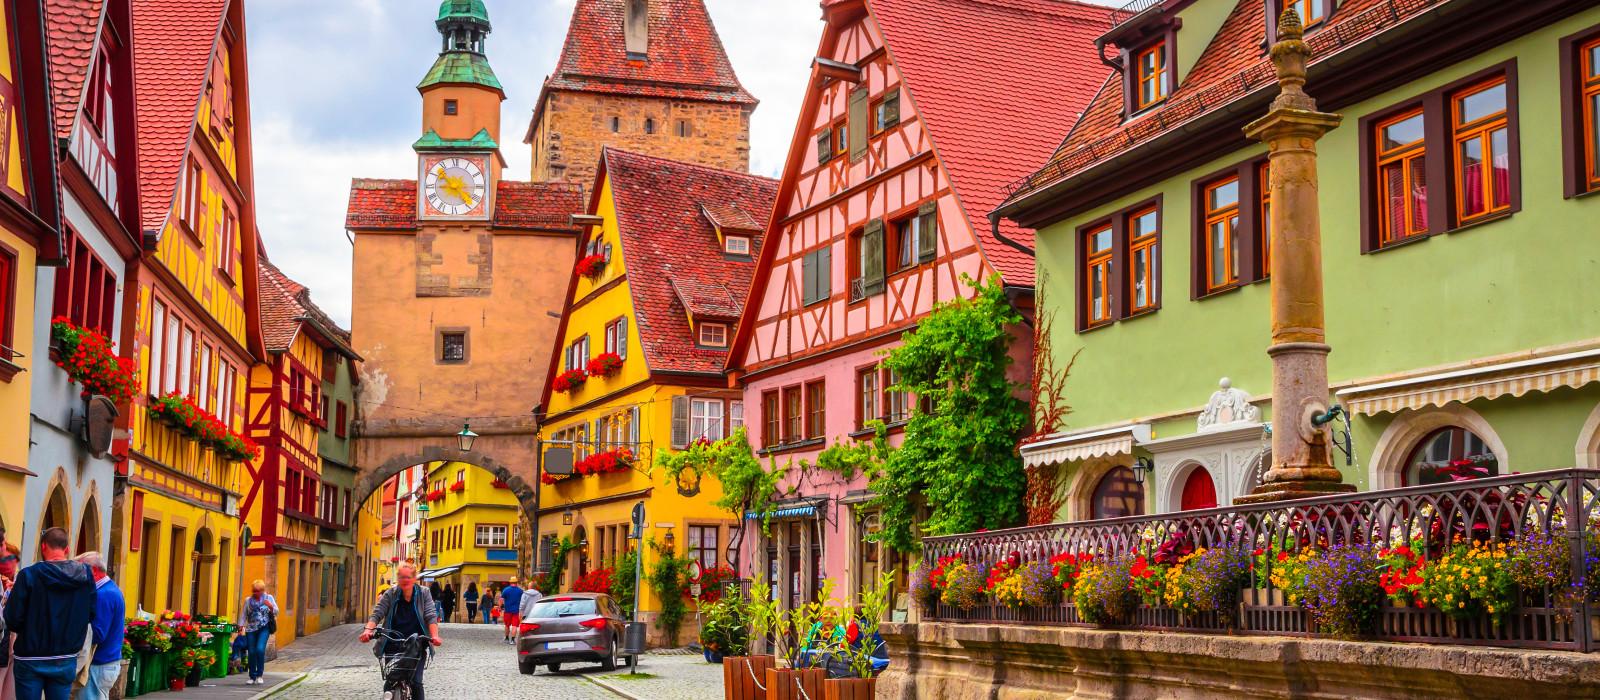 Hotel  Reichsküchenmeister Das Herz von Rothenburg Germany